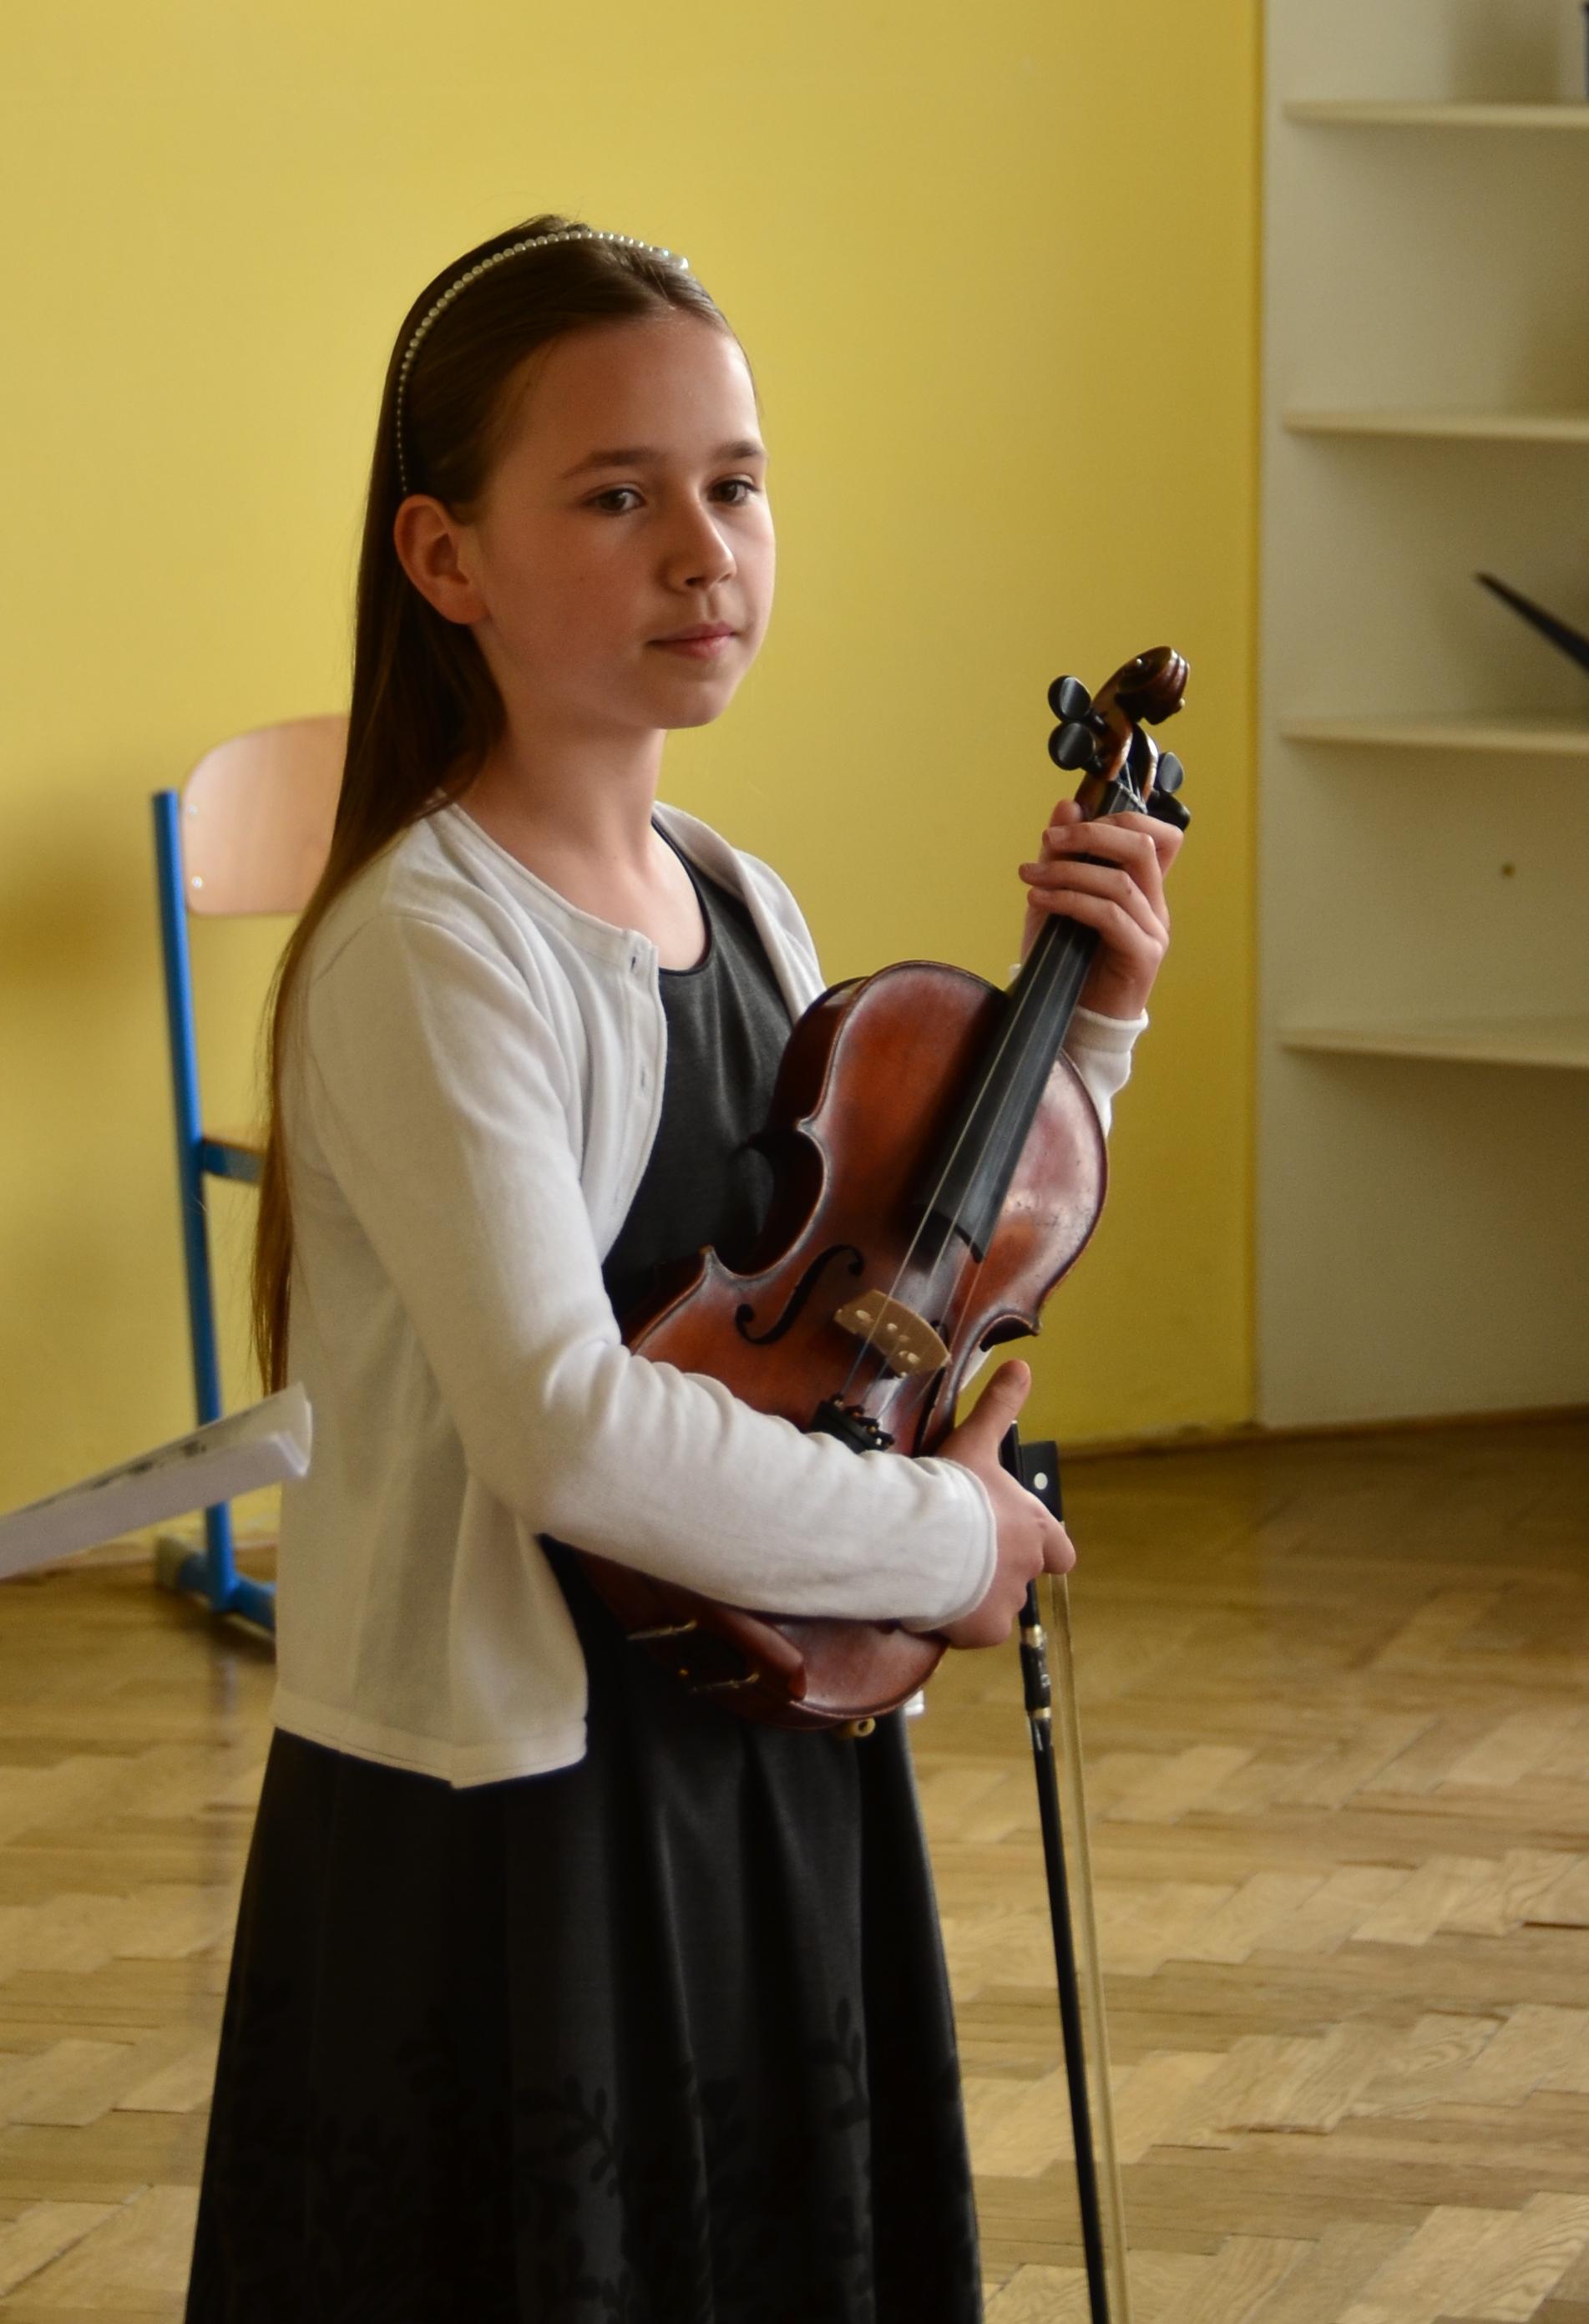 Houslová soutěž 2016 - III. kategorie - Minková Miriam